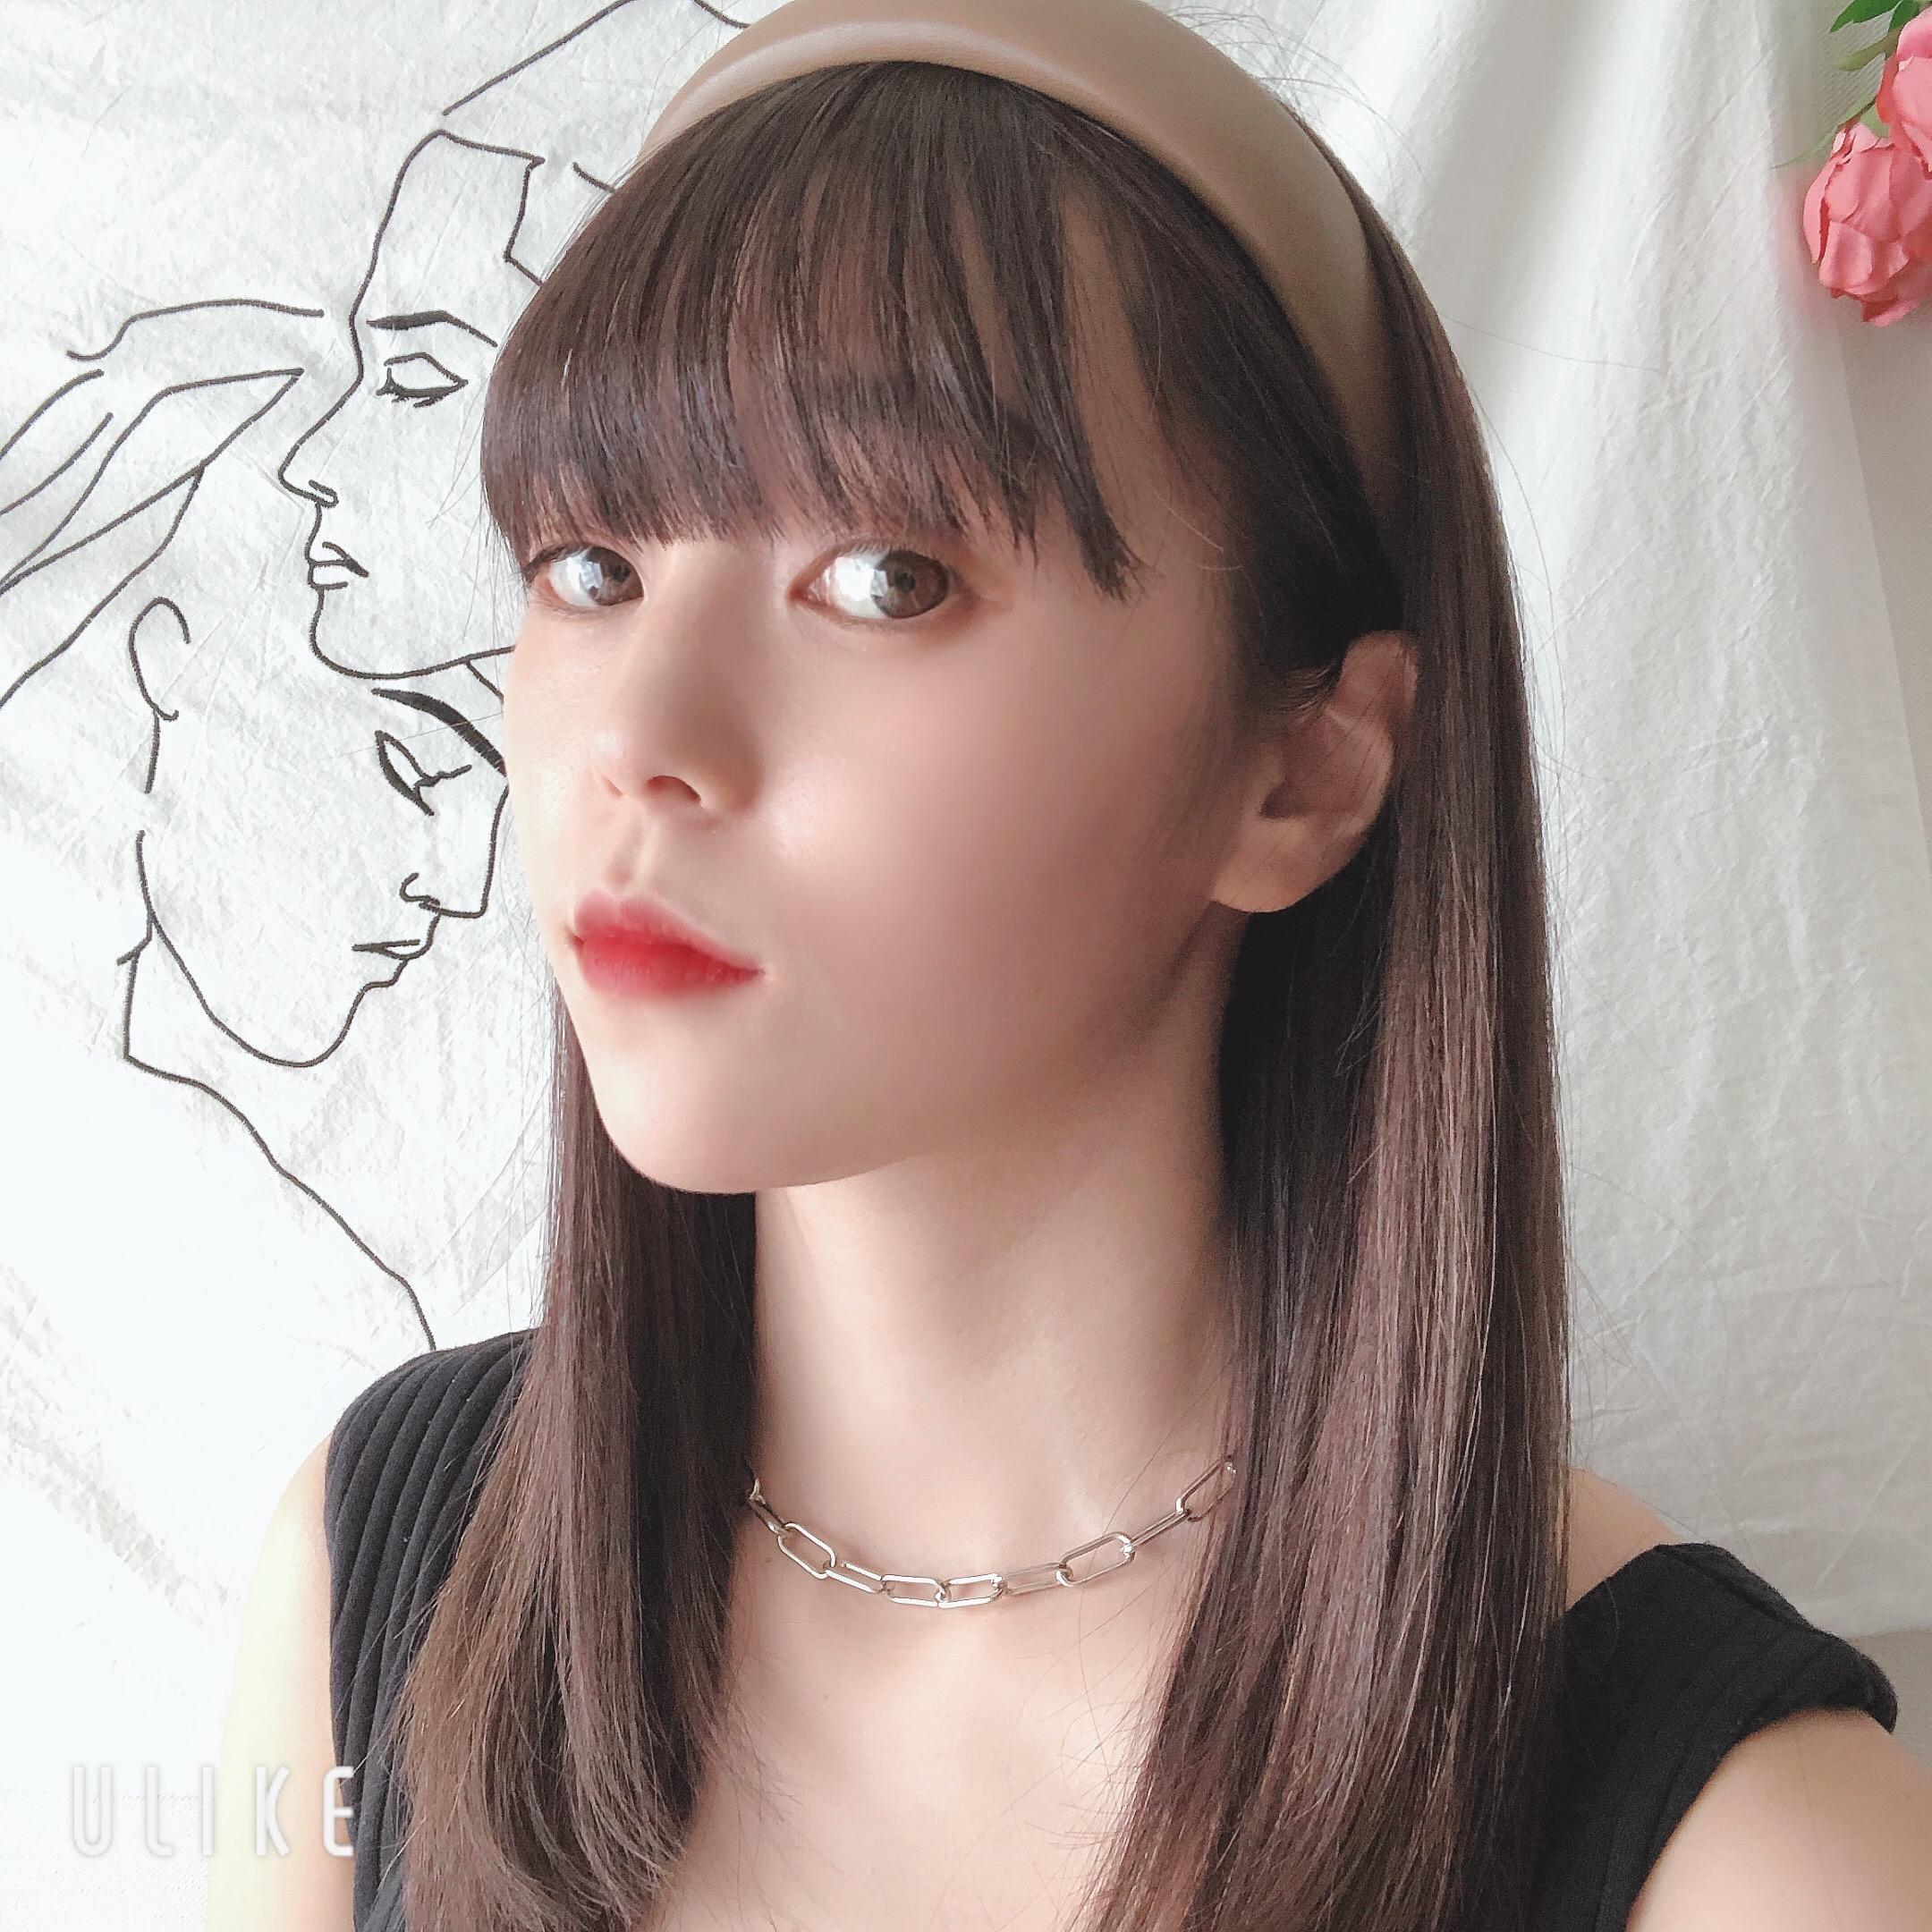 【イチオシ春小物】太めカチューシャが、画面越しでも存在感があって可愛い♡_1